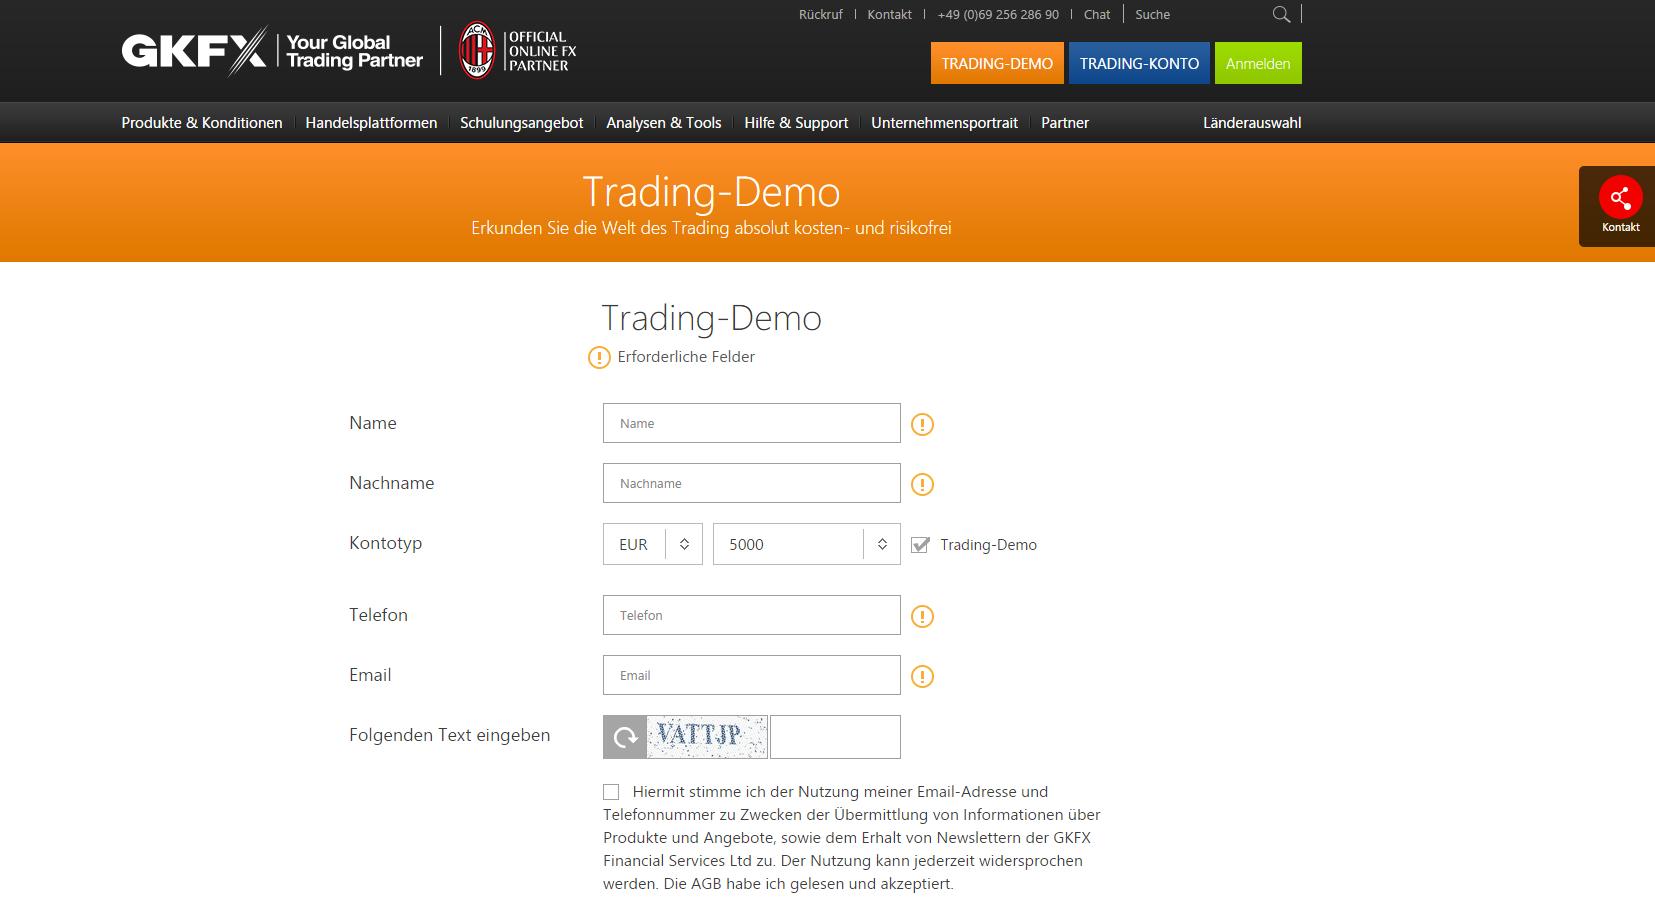 In nur wenigen Minuten ist die Anmeldung zum GKFX Demokonto abgeschlossen